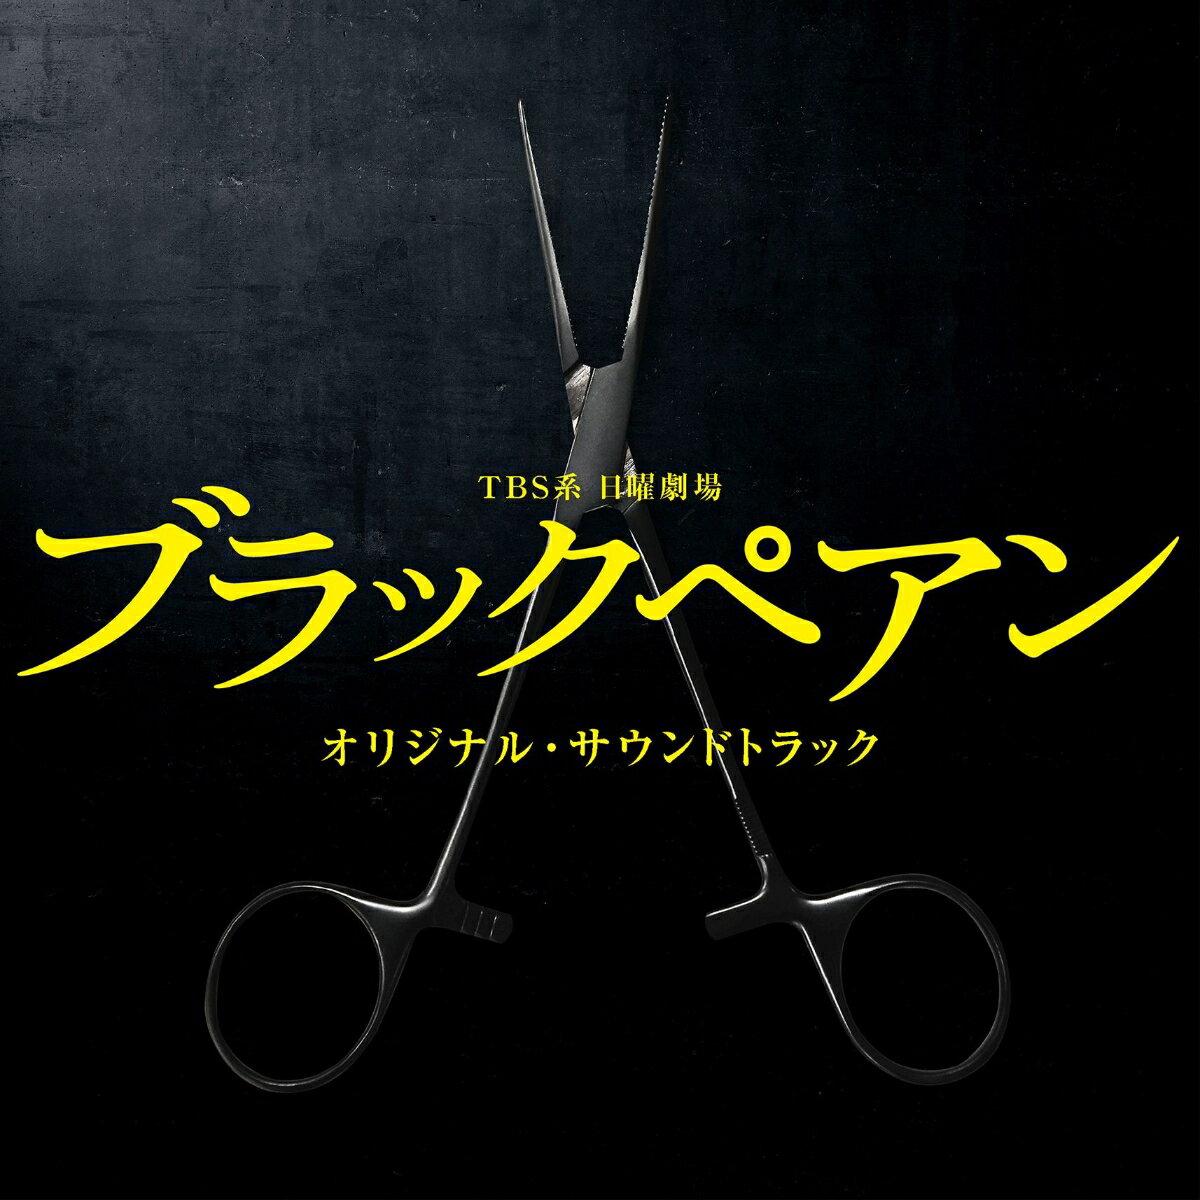 TBS系 日曜劇場 ブラックペアン オリジナル・サウンドトラック [ (オリジナル・サウンドトラック) ]